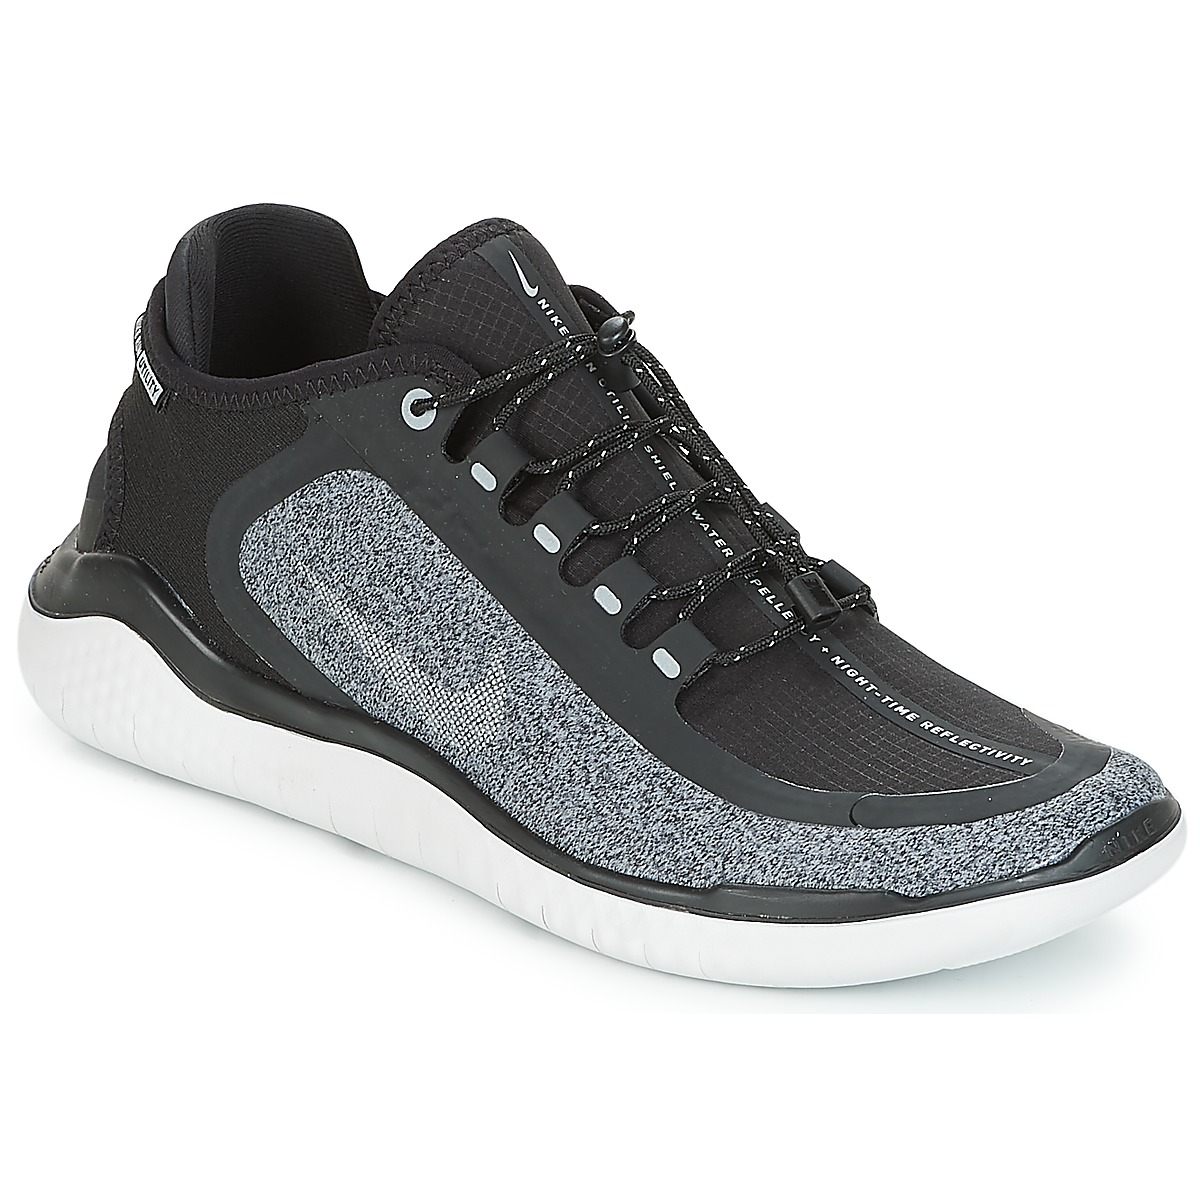 Nike Bežecká a trailová obuv FREE RUN 2018 SHIELD Nike - Glami.sk 95428a8550d